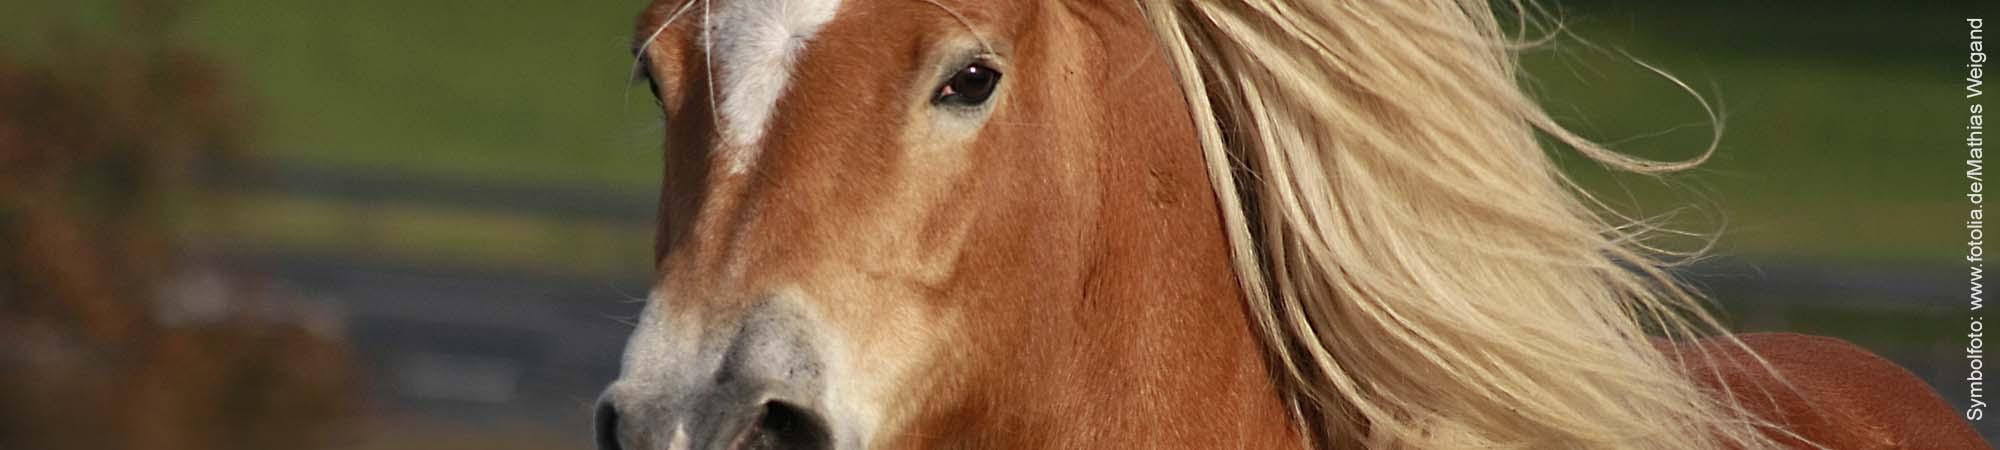 Versuchter Pferdediebstahl durch dreiste Pferdediebe